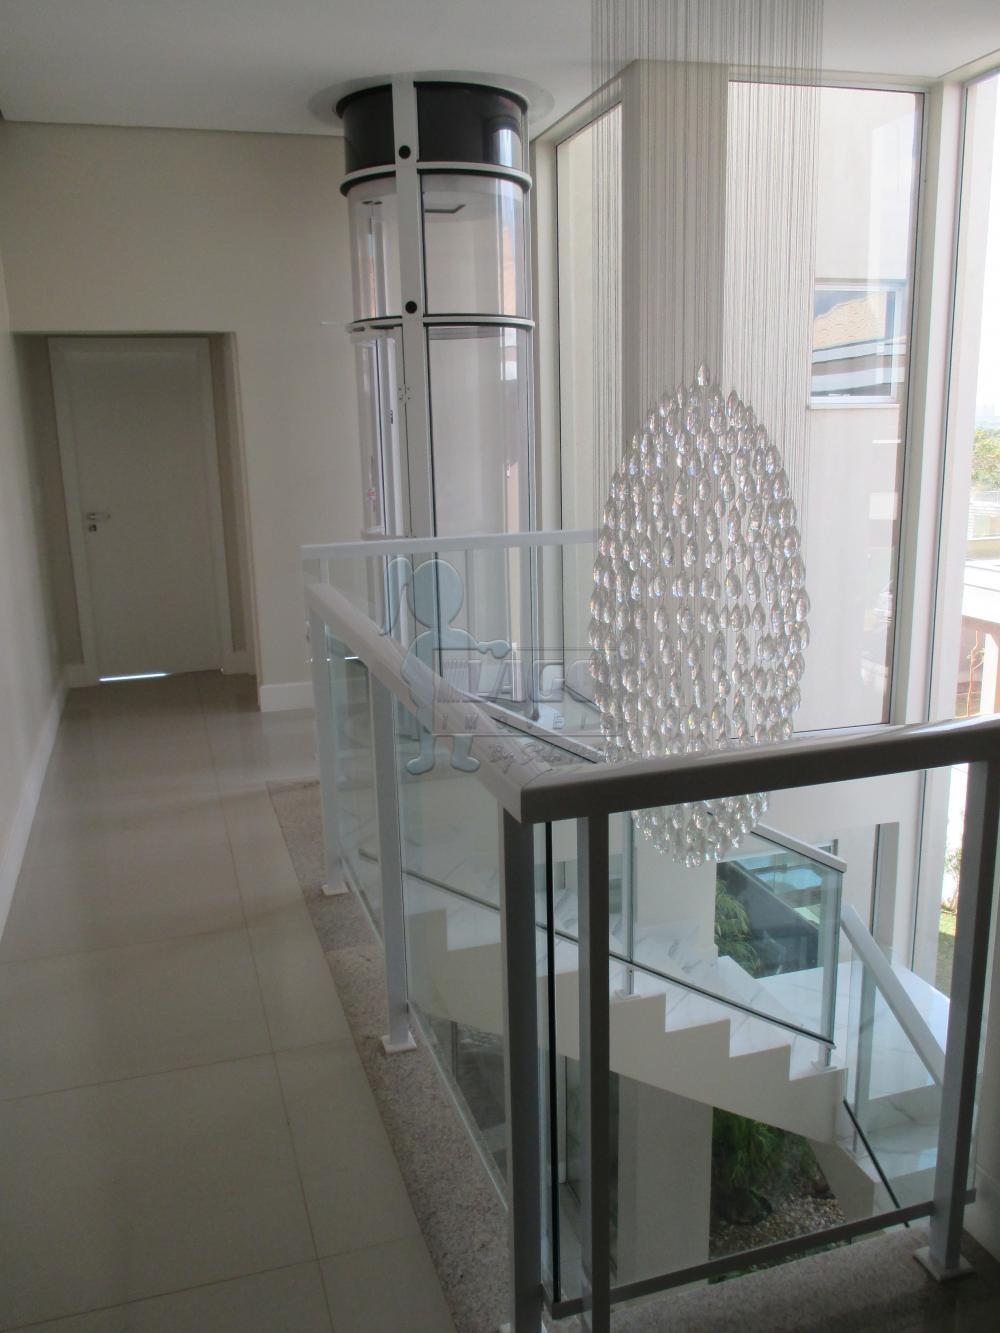 Alugar Casas / Condomínio em Bonfim Paulista apenas R$ 11.400,00 - Foto 21